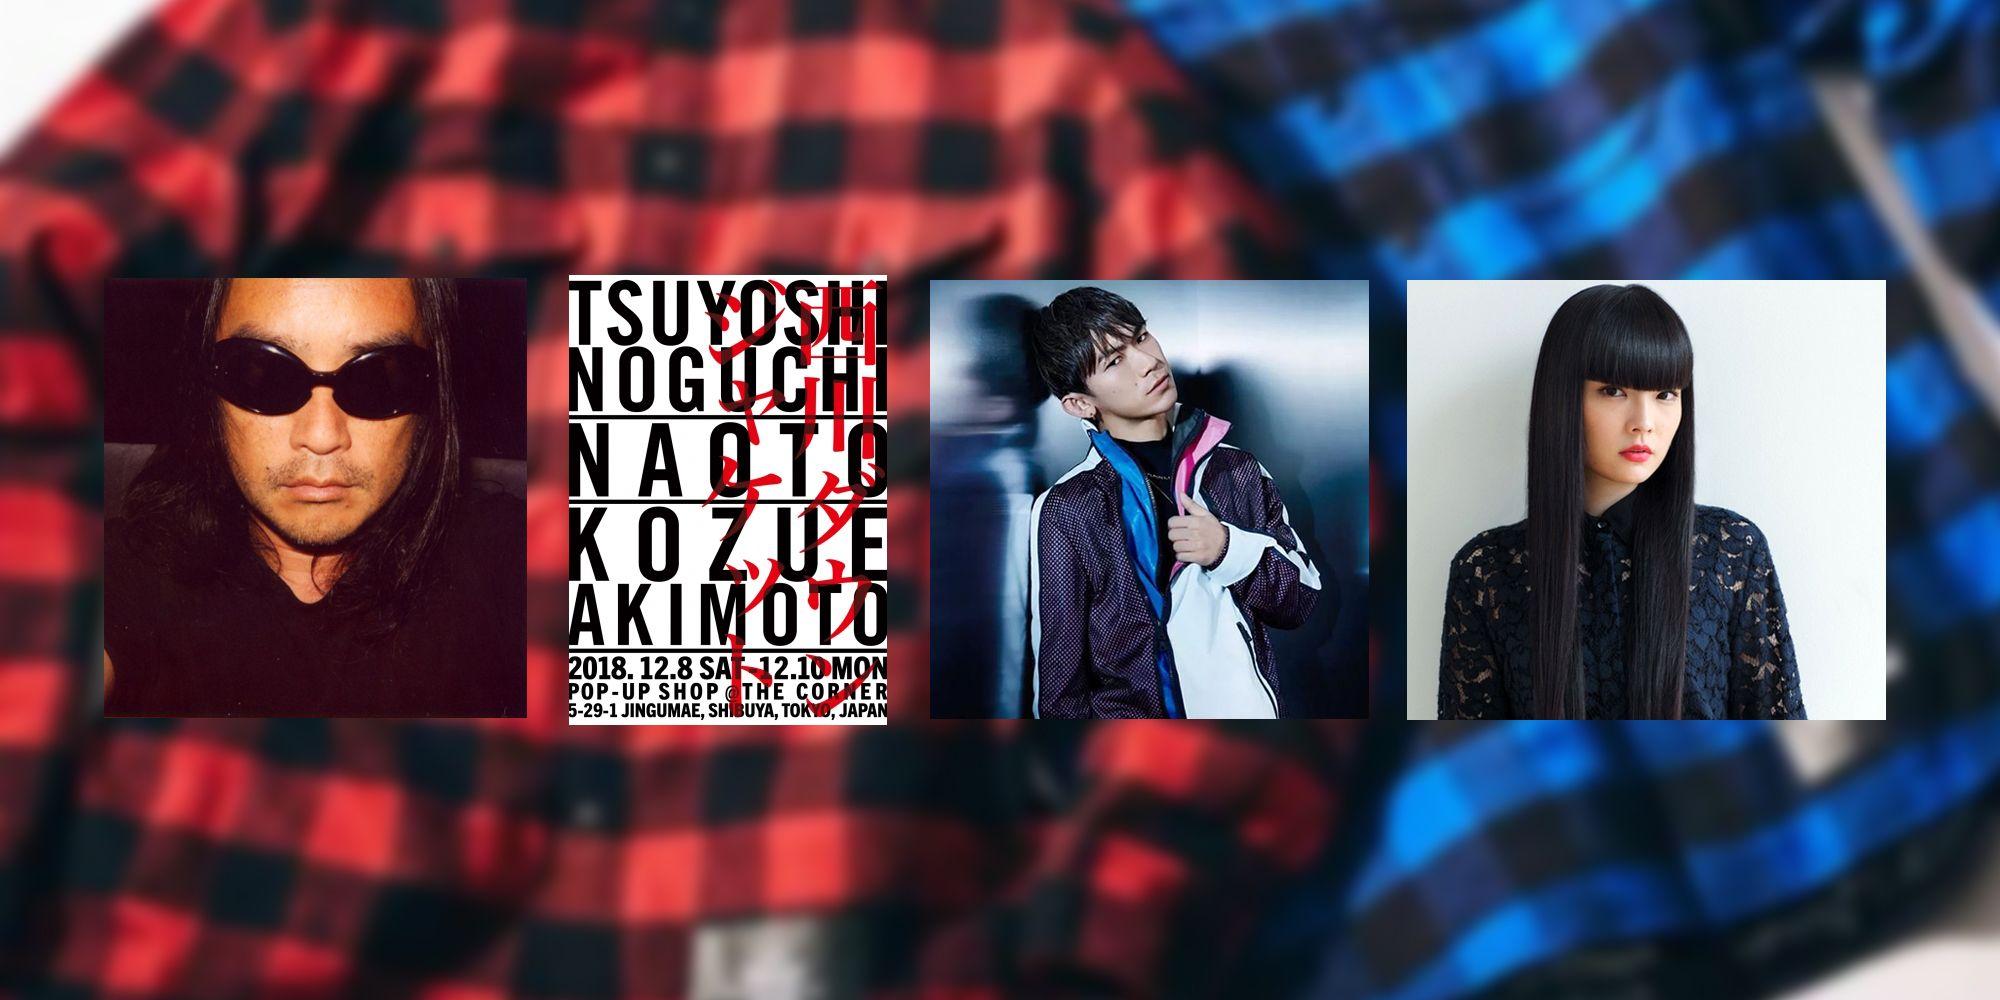 nano・universe, exile Naoto, Tsuyoshi